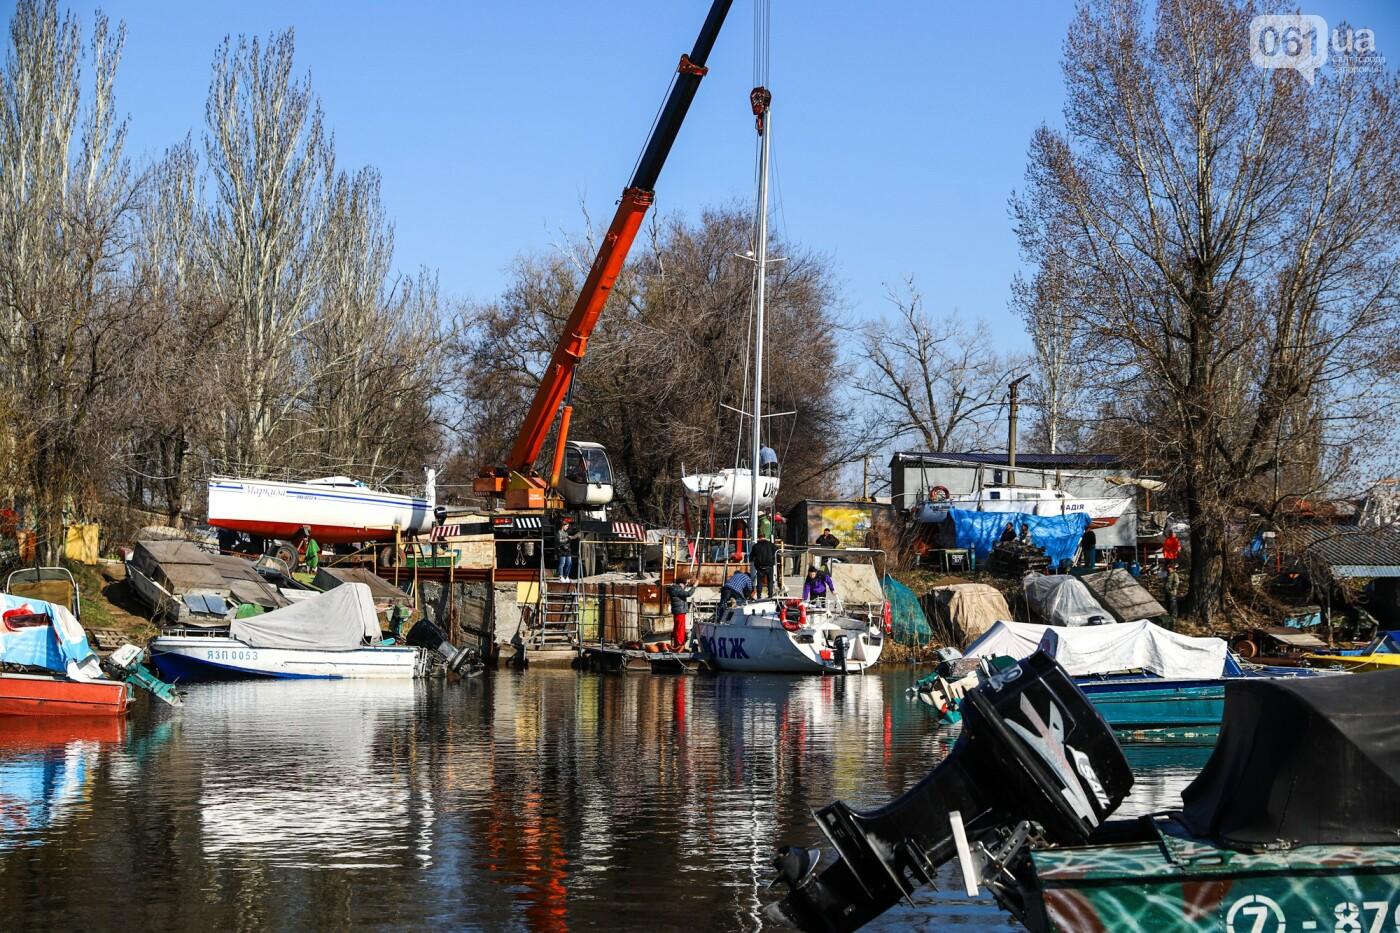 «Семь футов под килем!»: как в запорожском яхт-клубе спускали судна на воду, - ФОТОРЕПОРТАЖ , фото-27